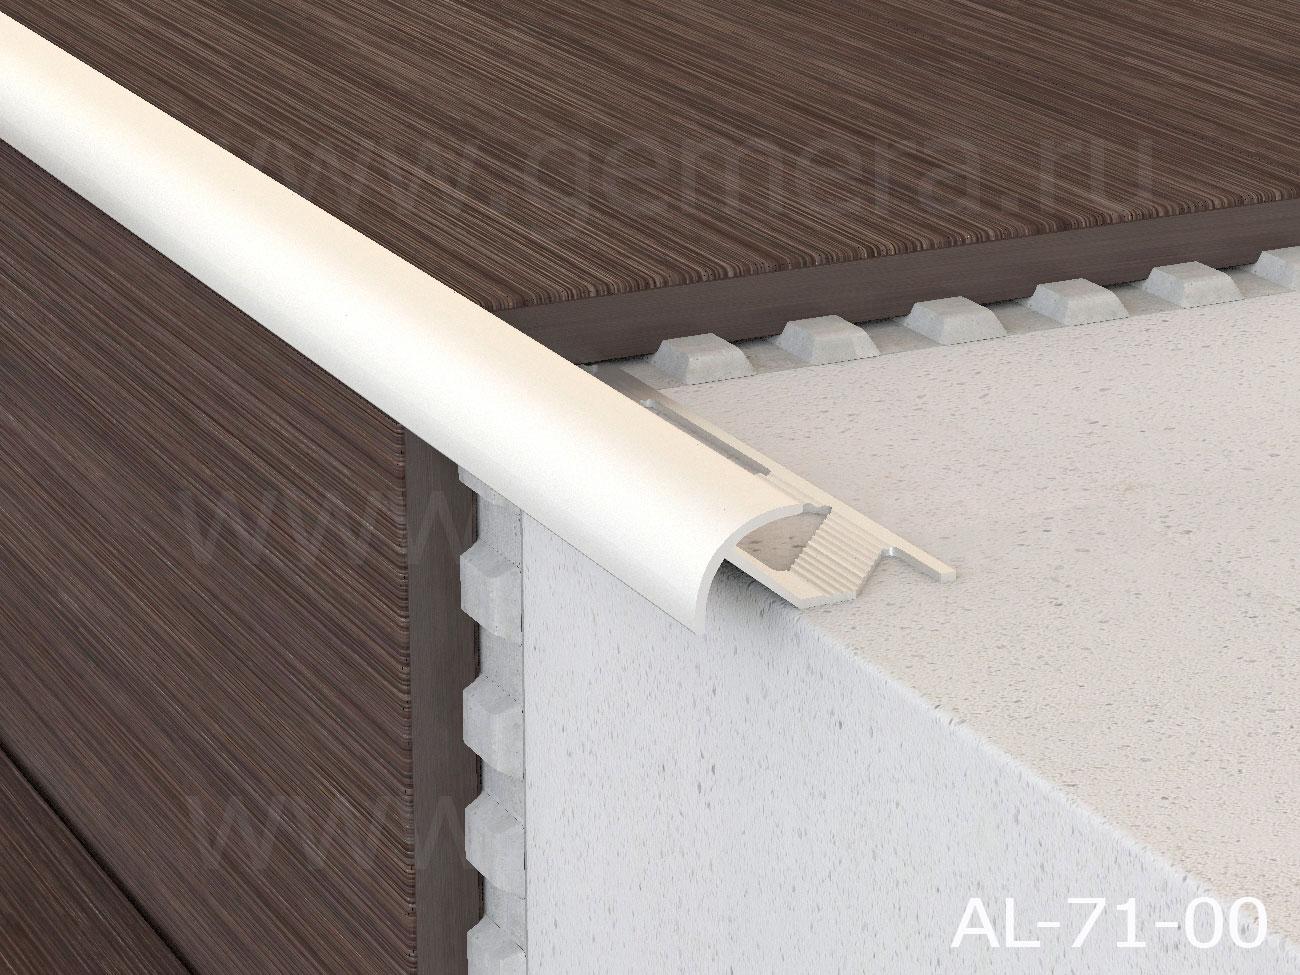 Профиль под плитку для наружных углов Butun AL-71-00